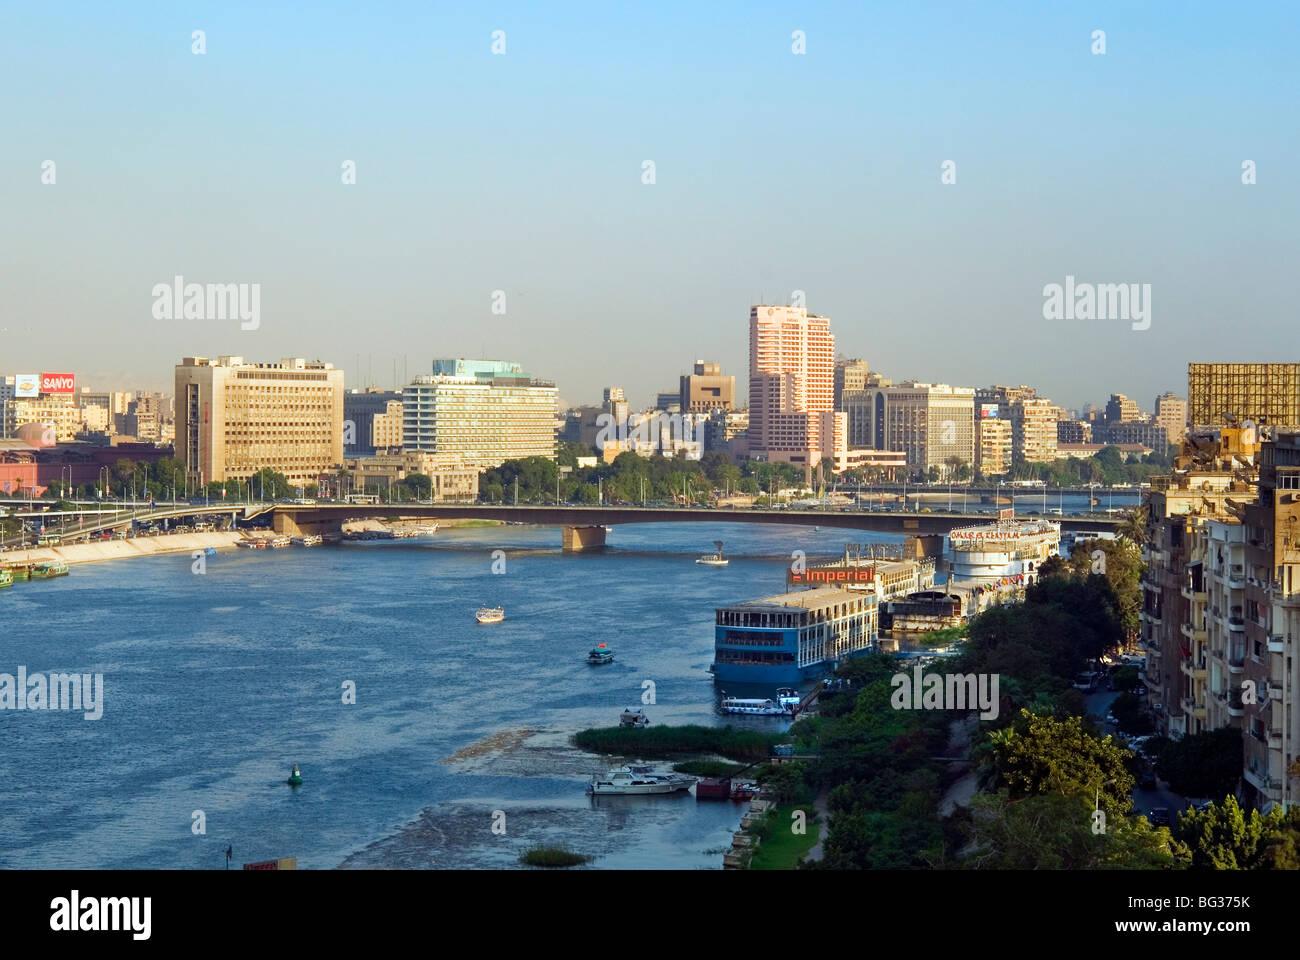 Corniche El Nil, River Nile, Cairo, Egypt, North Africa, Africa - Stock Image